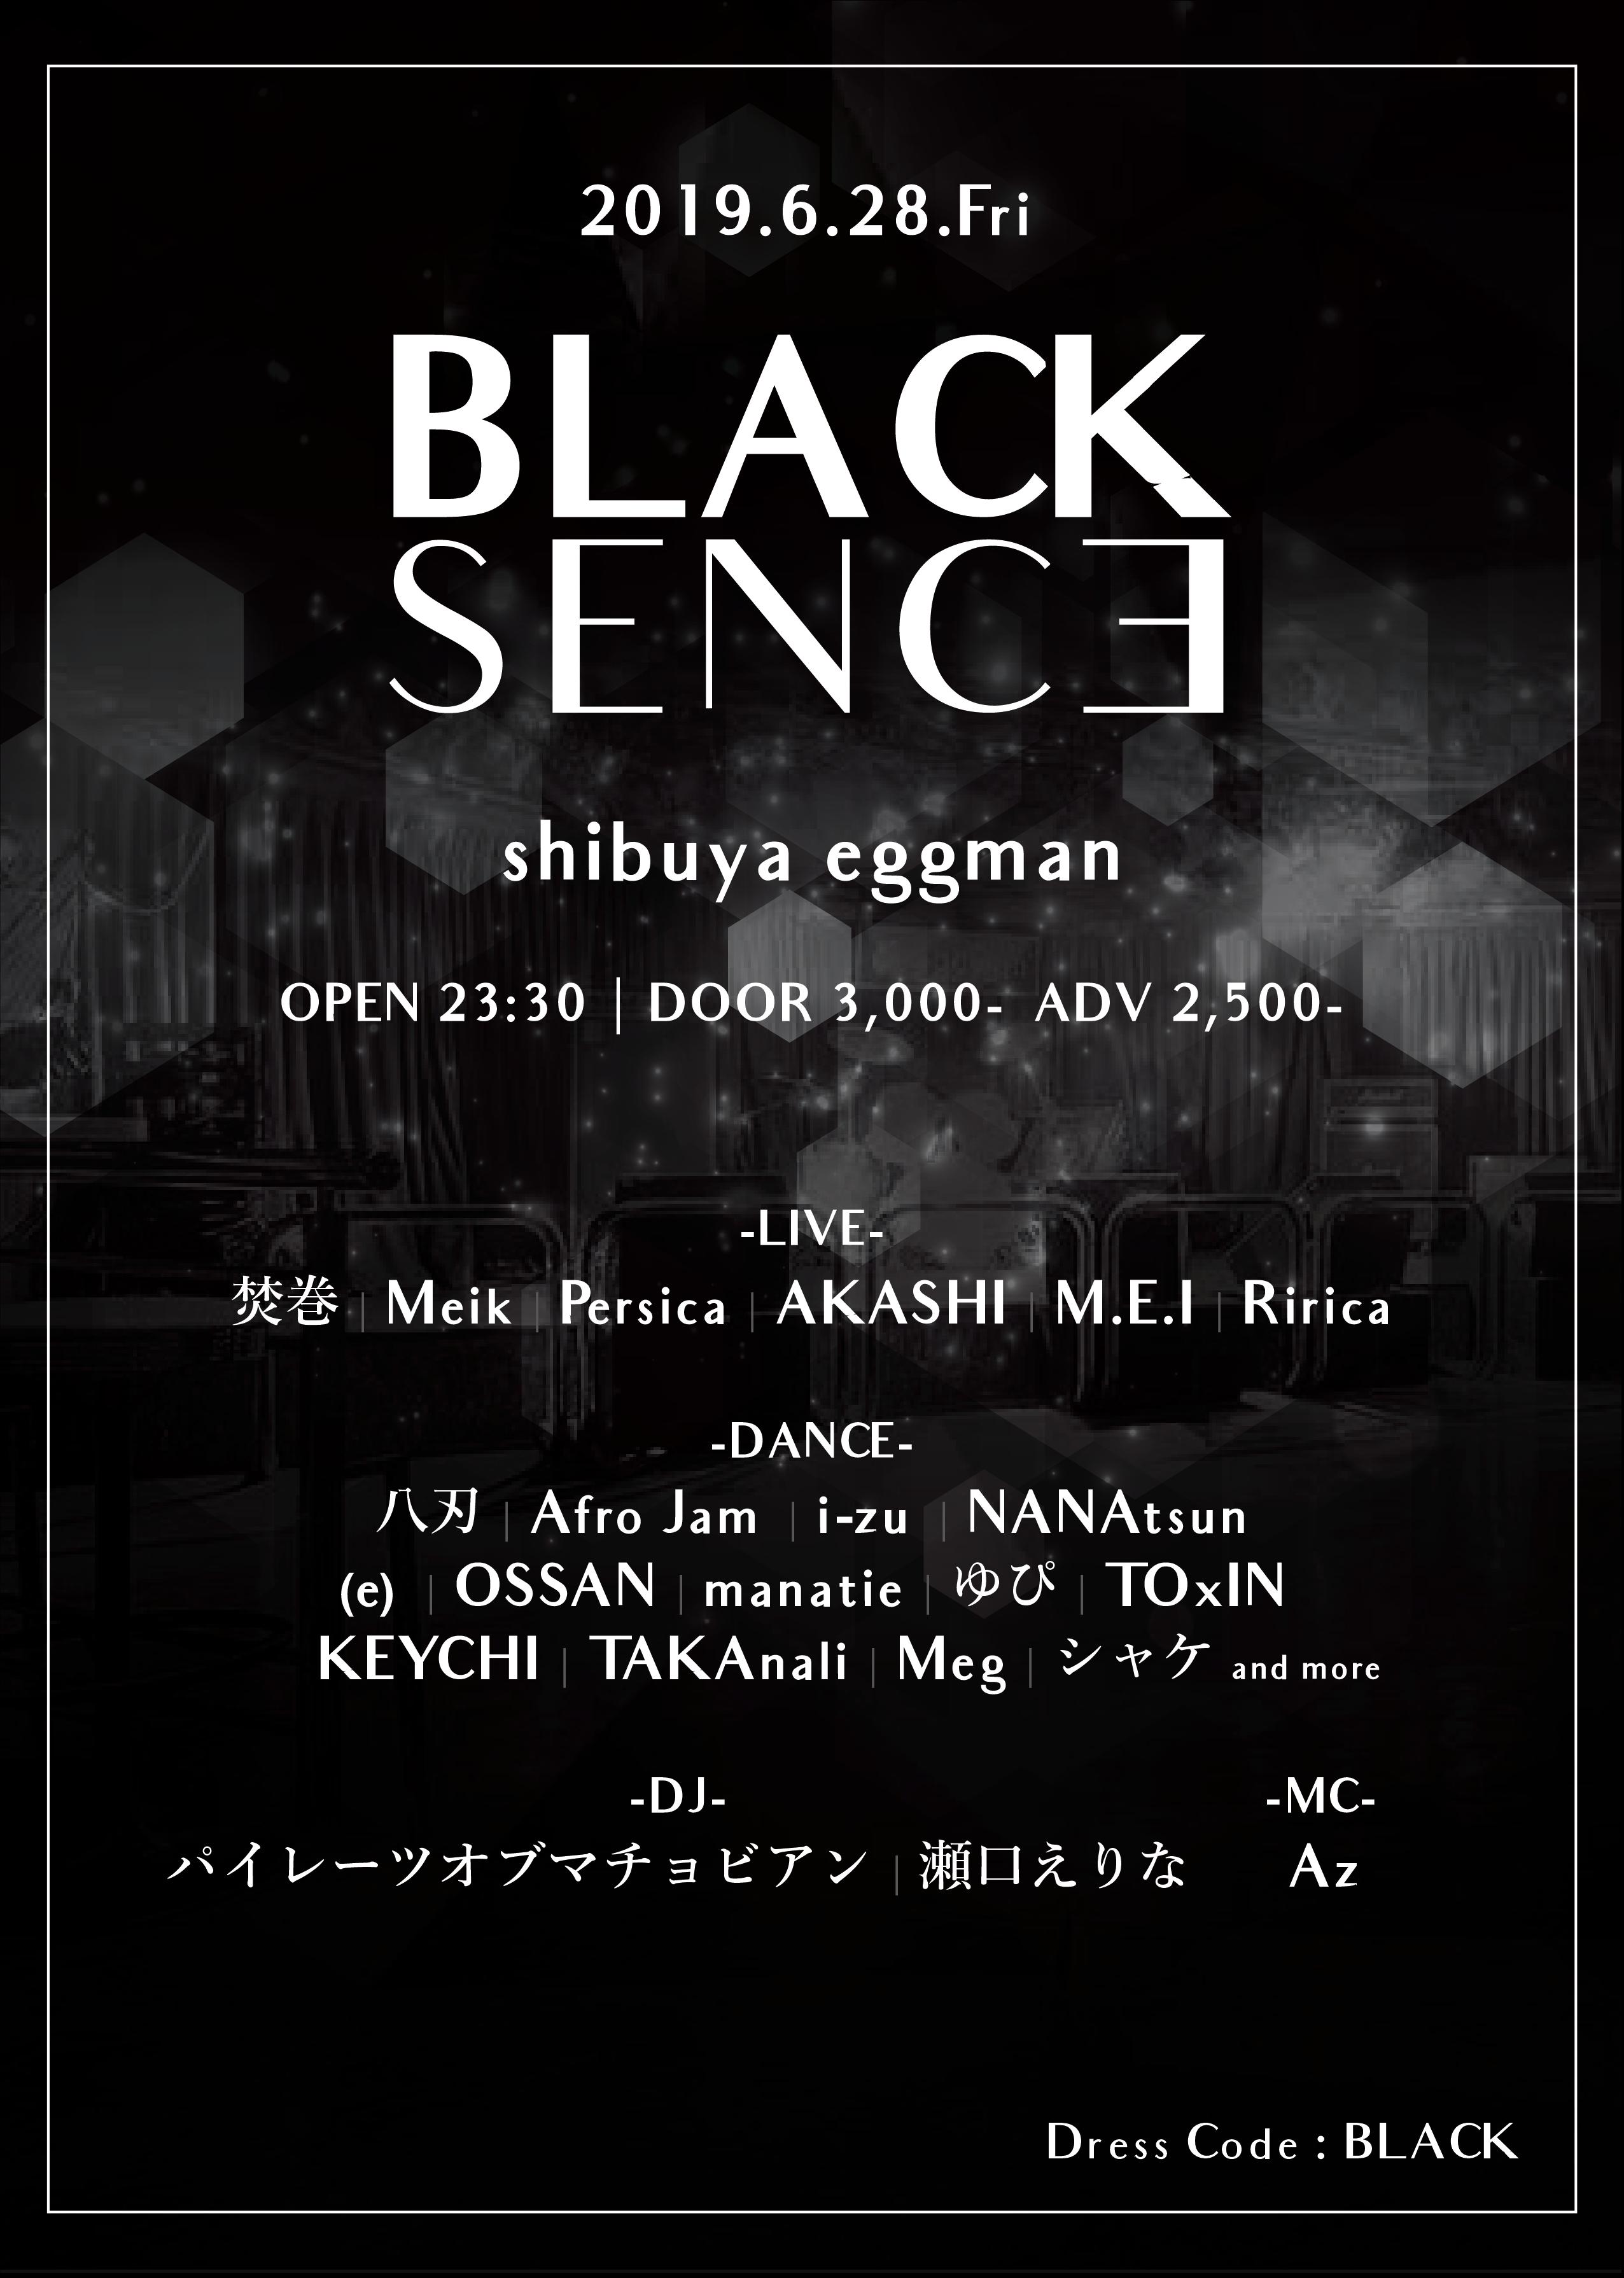 BLACK SENCE